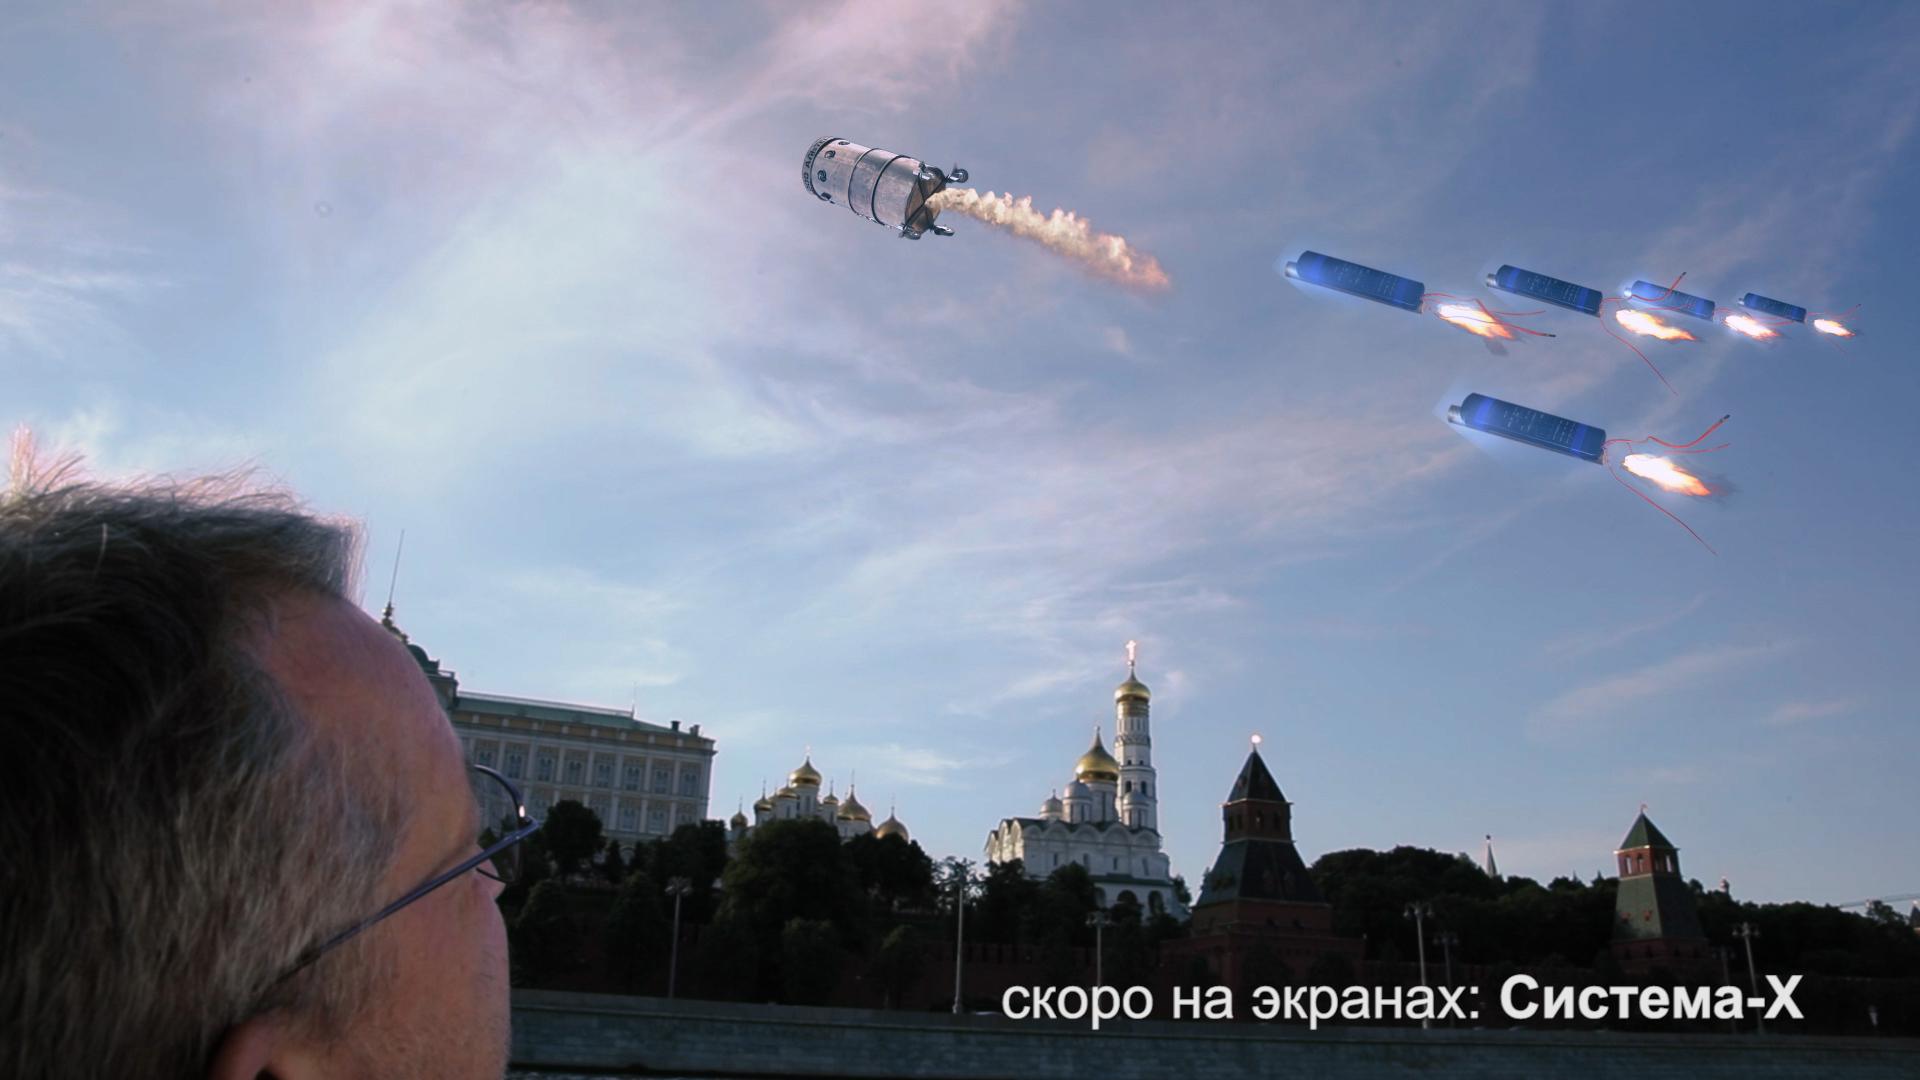 фильм, comedy, film, Sistem-X, кинокомедии, Система Х, Полет, Дастпром, пилотажной группы, Нифигатор